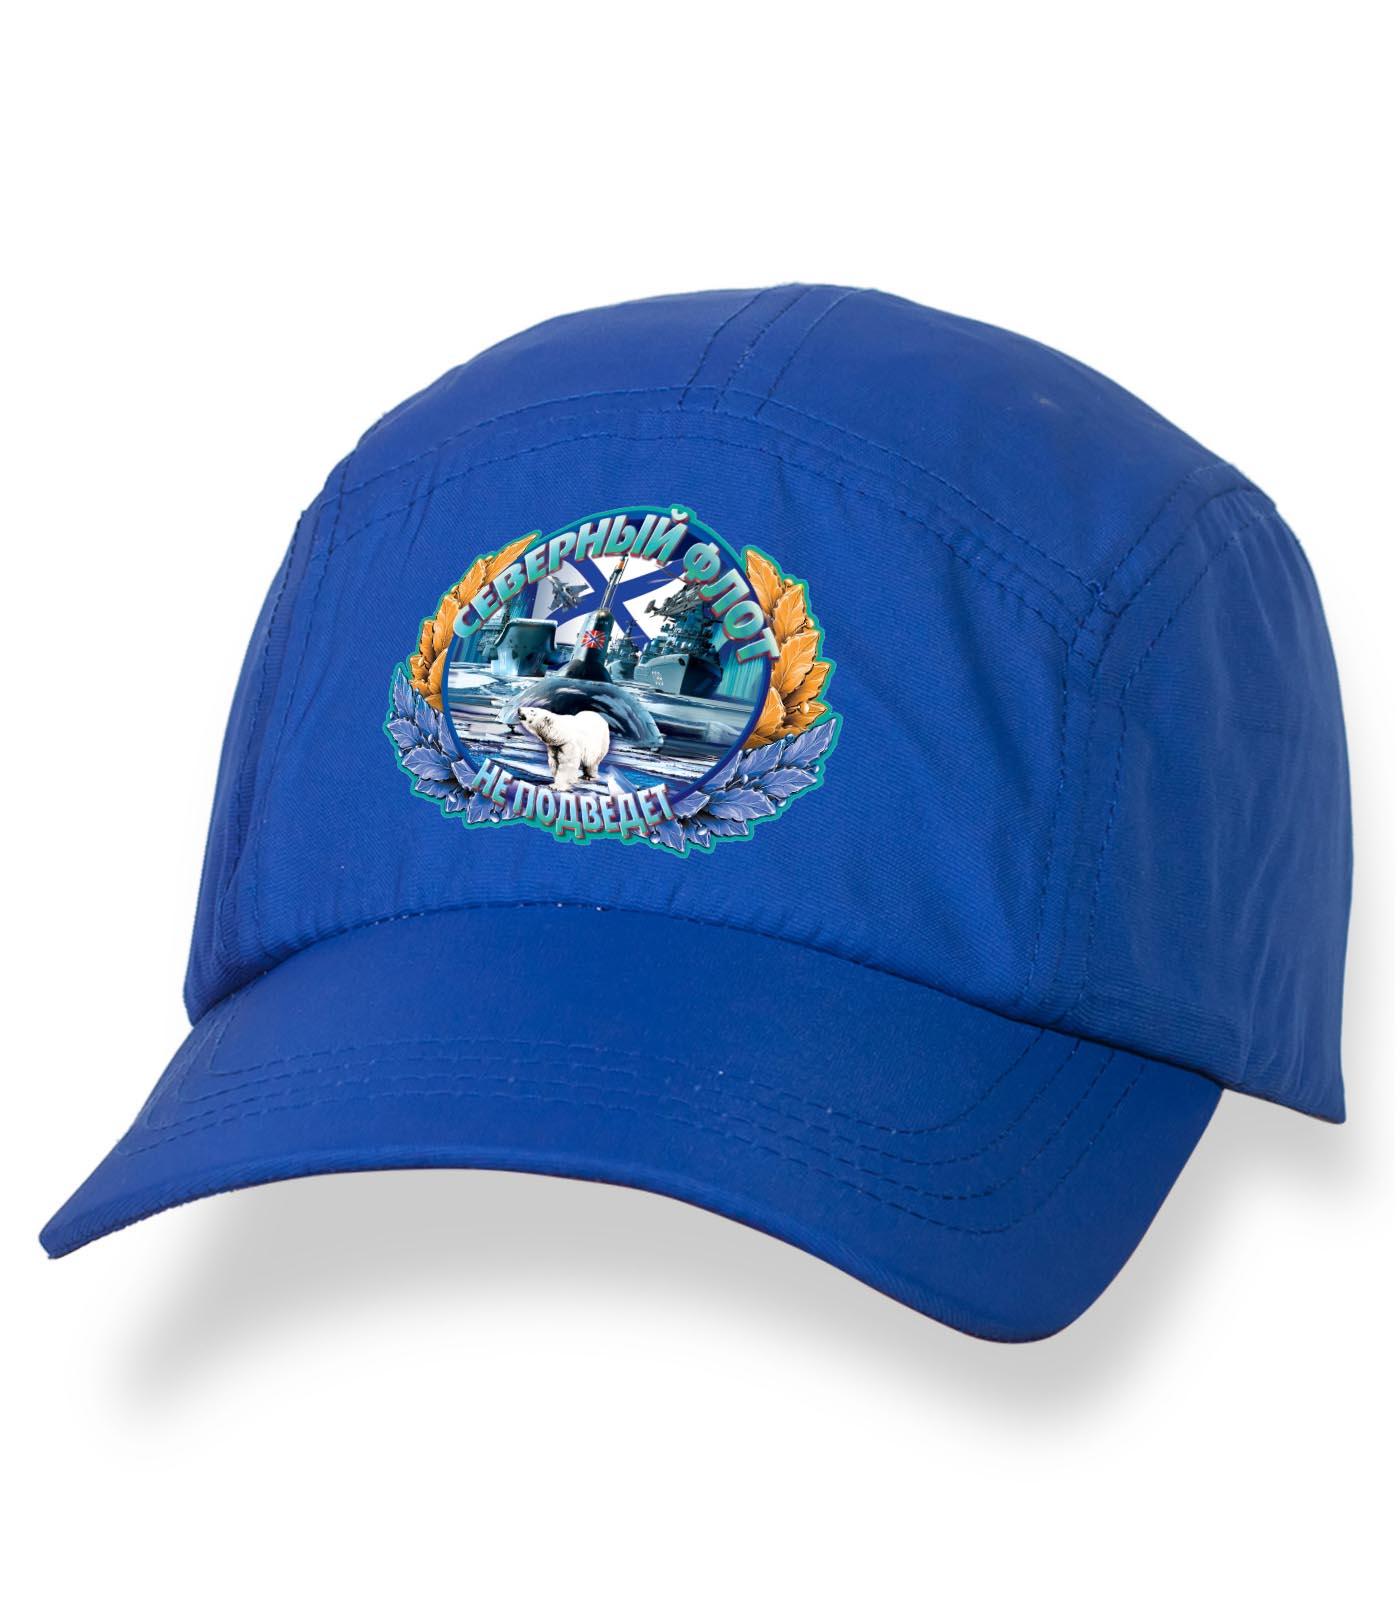 Синяя крутая бейсболка с термонаклейкой Северный Флот